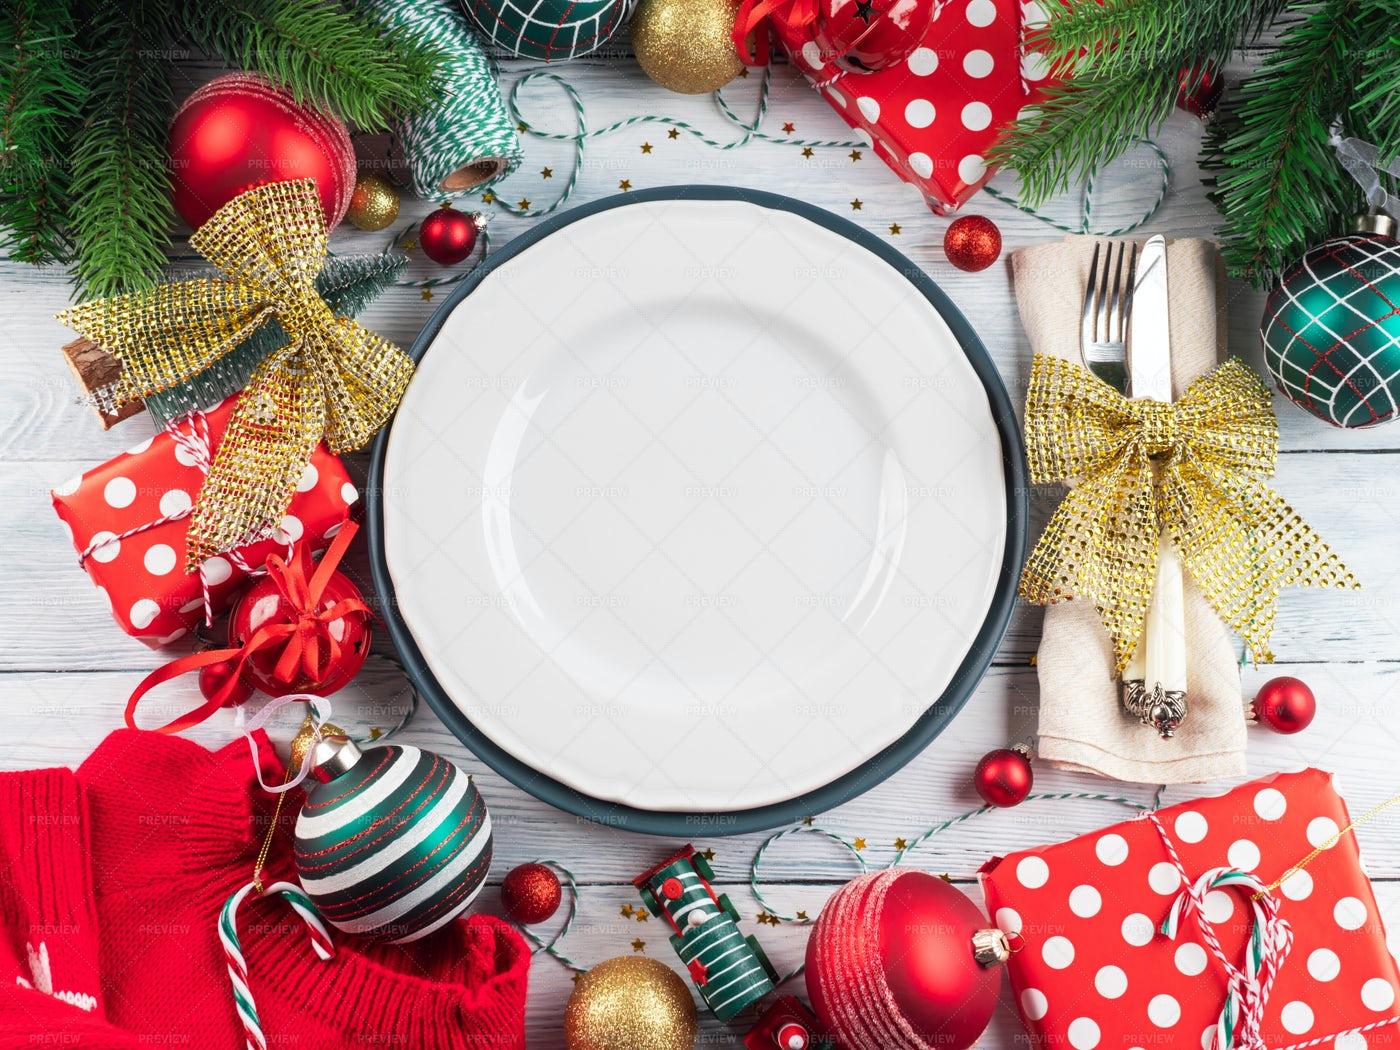 Christmas Festive Table Setting: Stock Photos